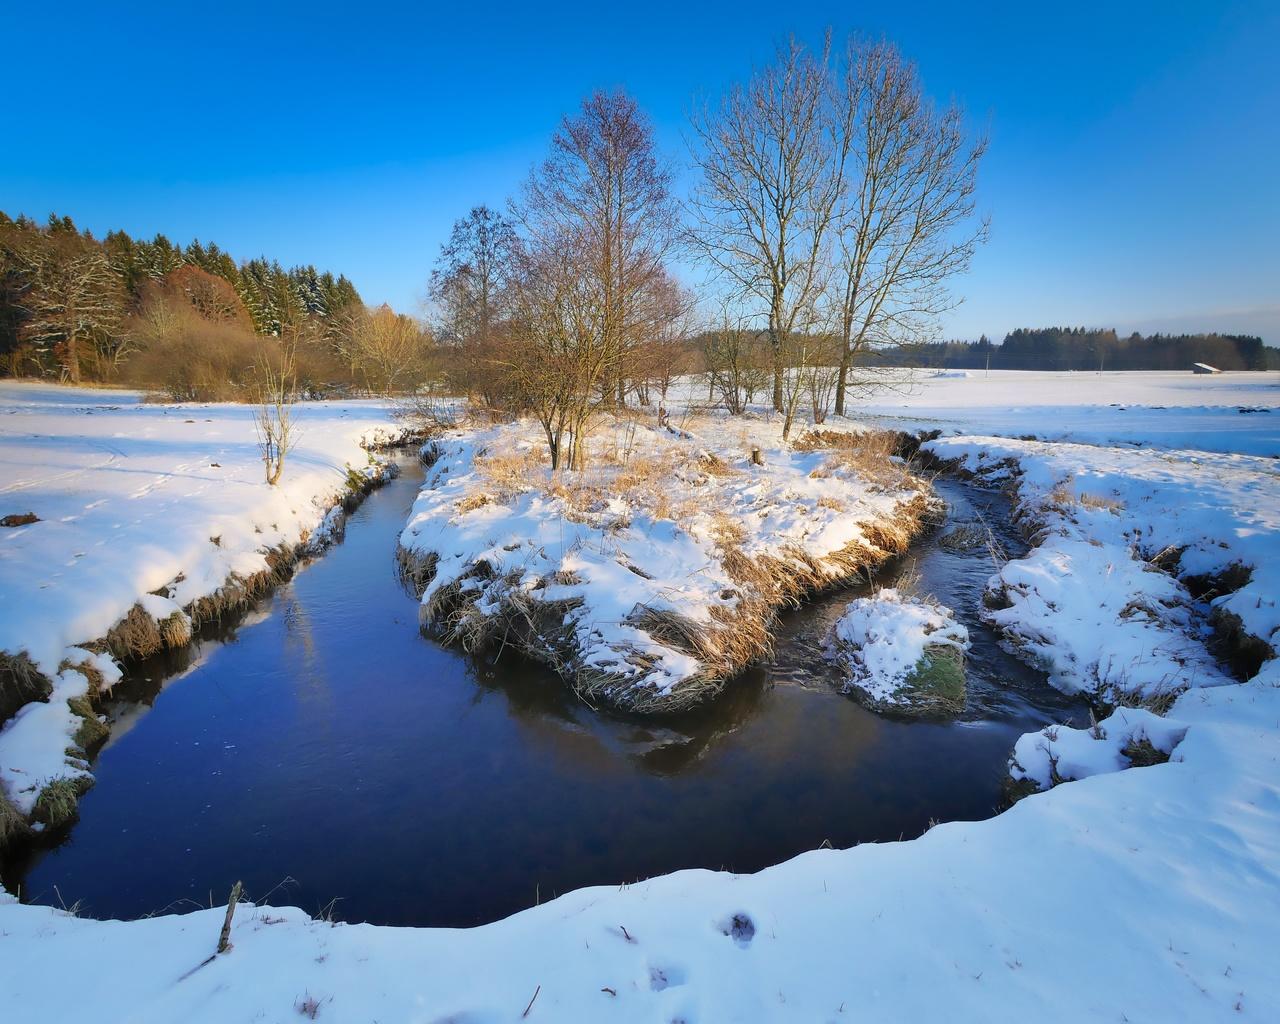 вода, снег, деревья, поле